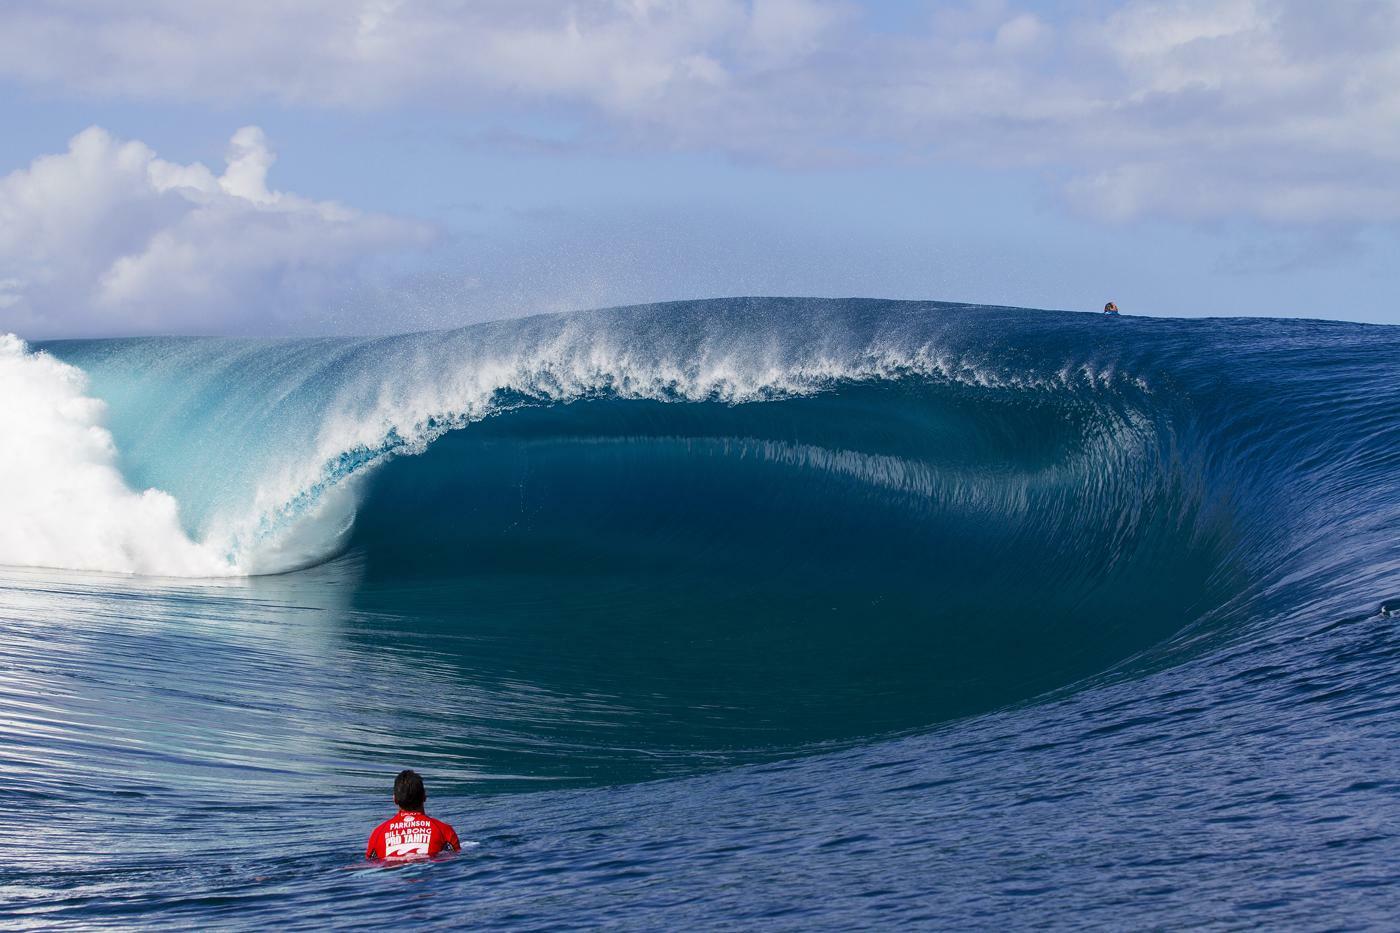 Surf – JO de Paris 2024 : « Laissons Tahiti de côté », estime le président du CIO sur la candidature de la Polynésie pour l'organisation des épreuves de surf